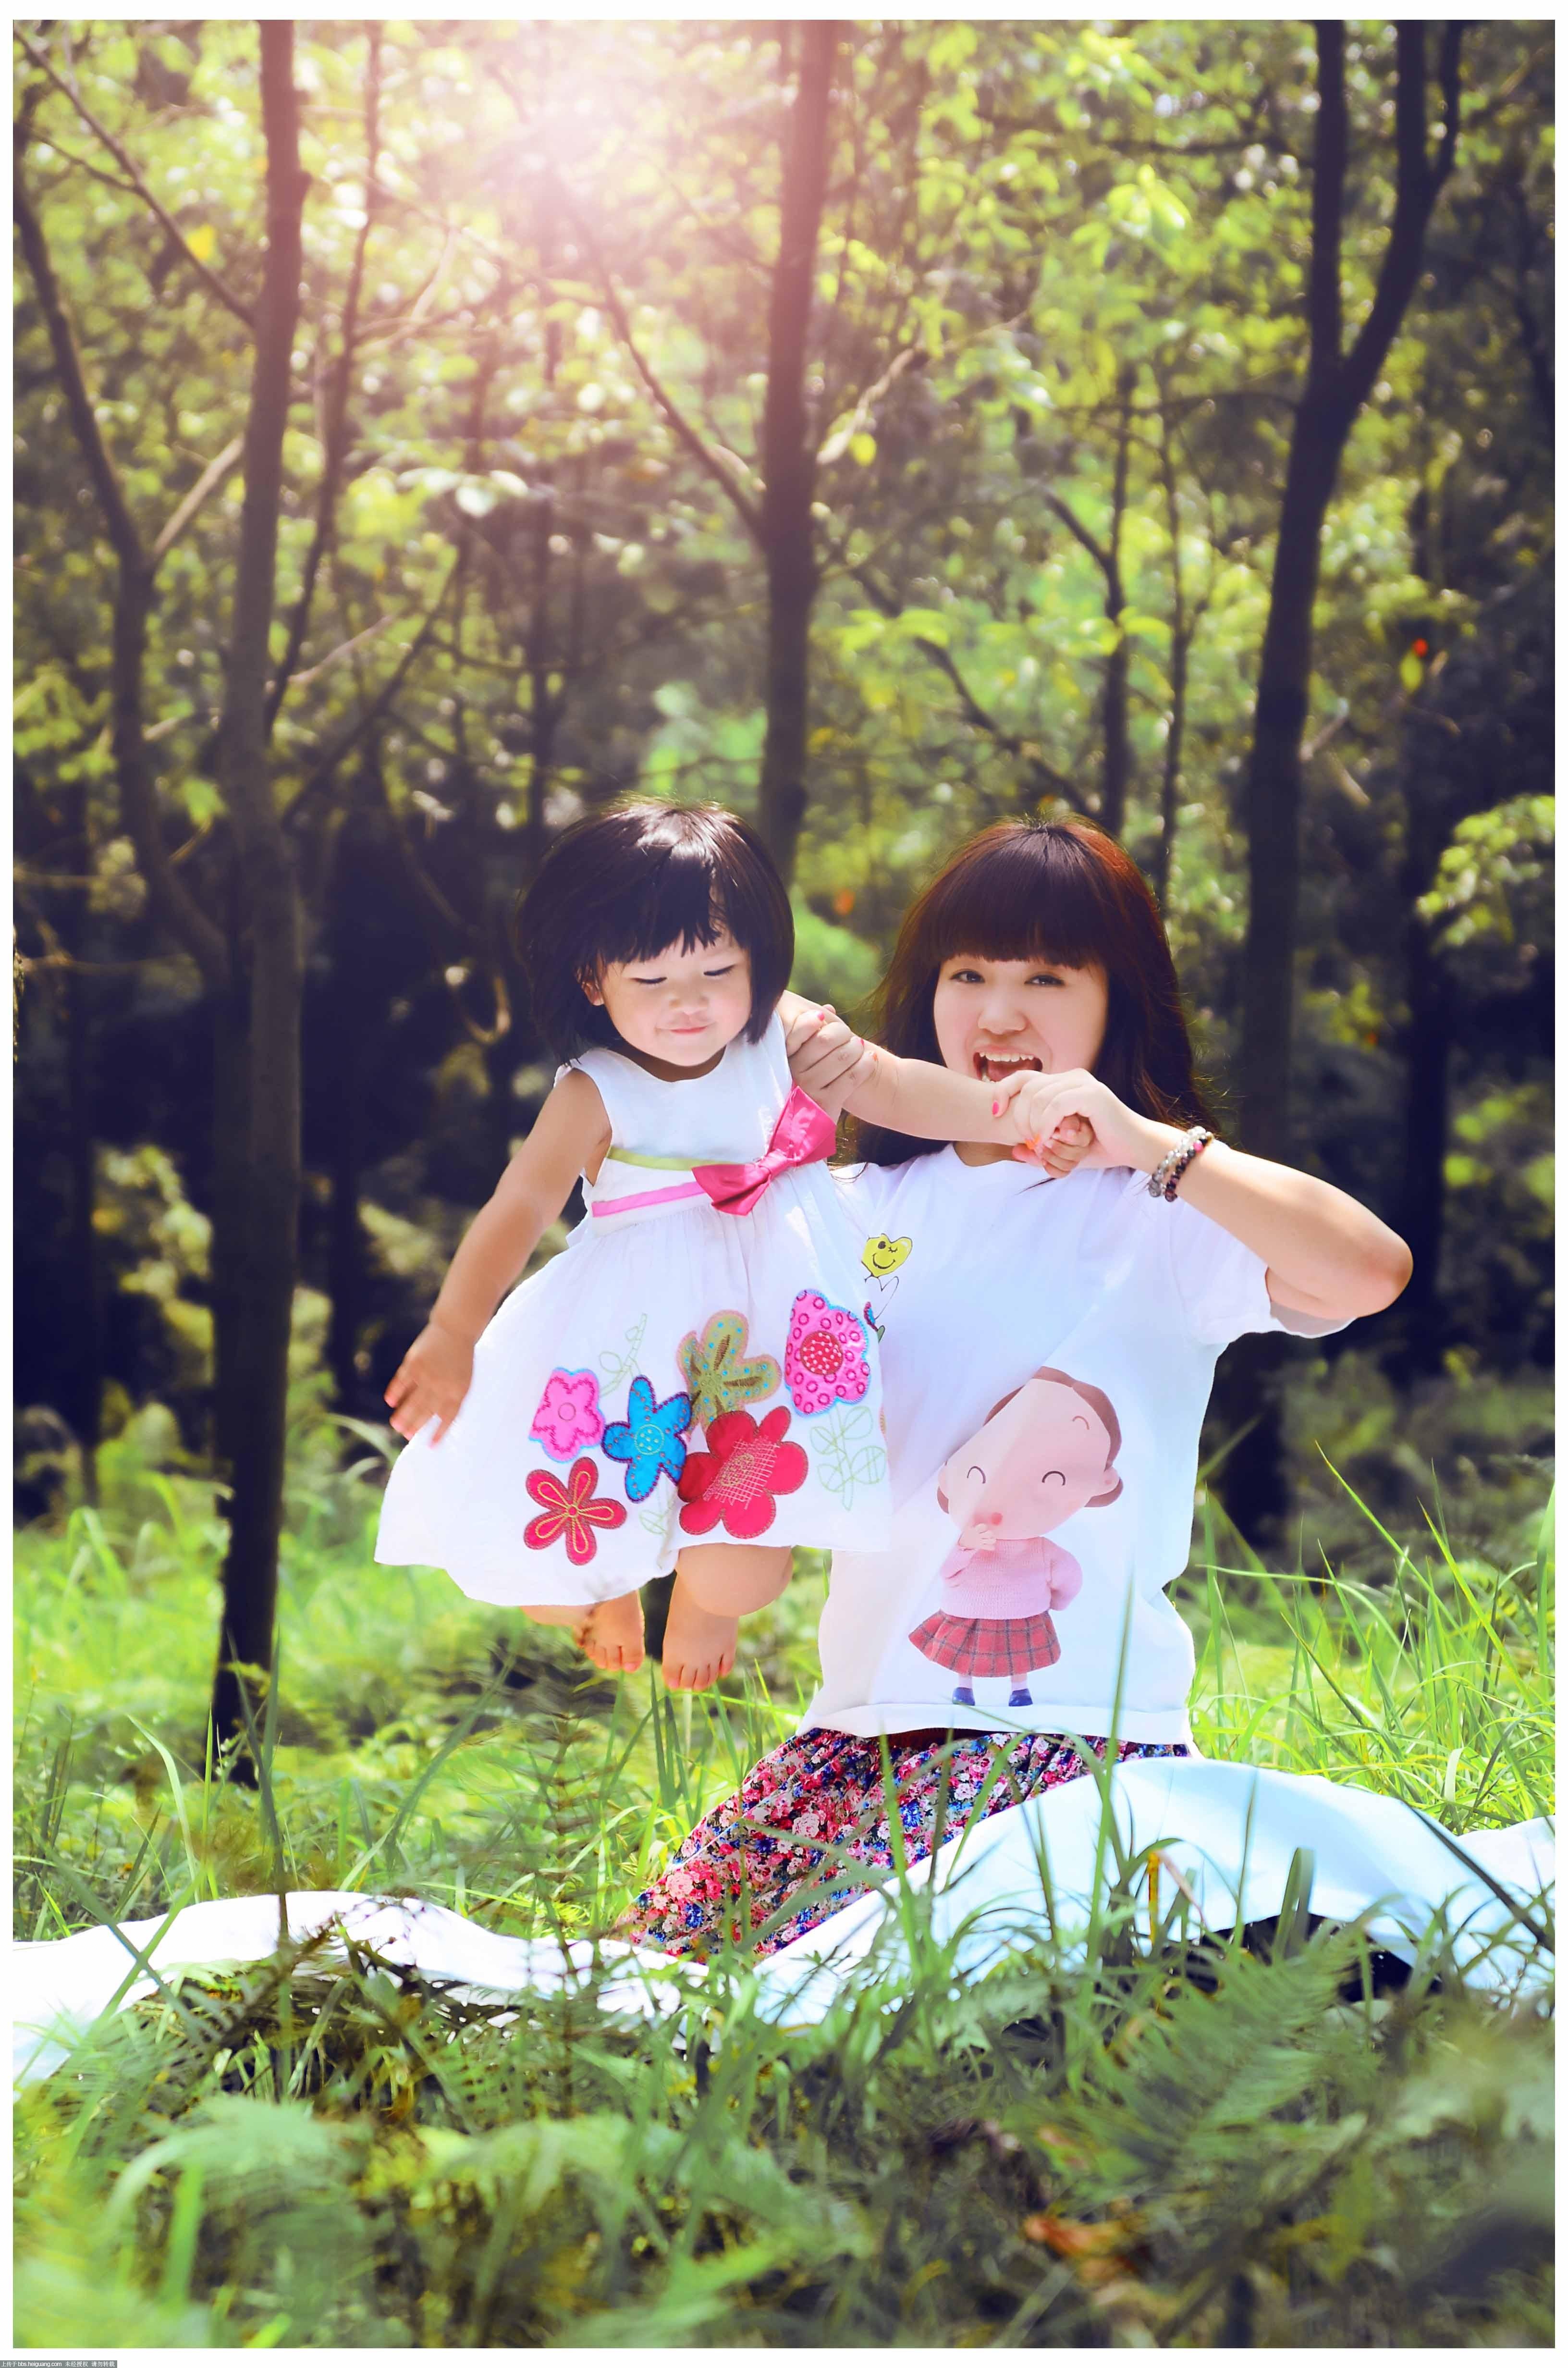 可爱多儿童摄影-亲子照